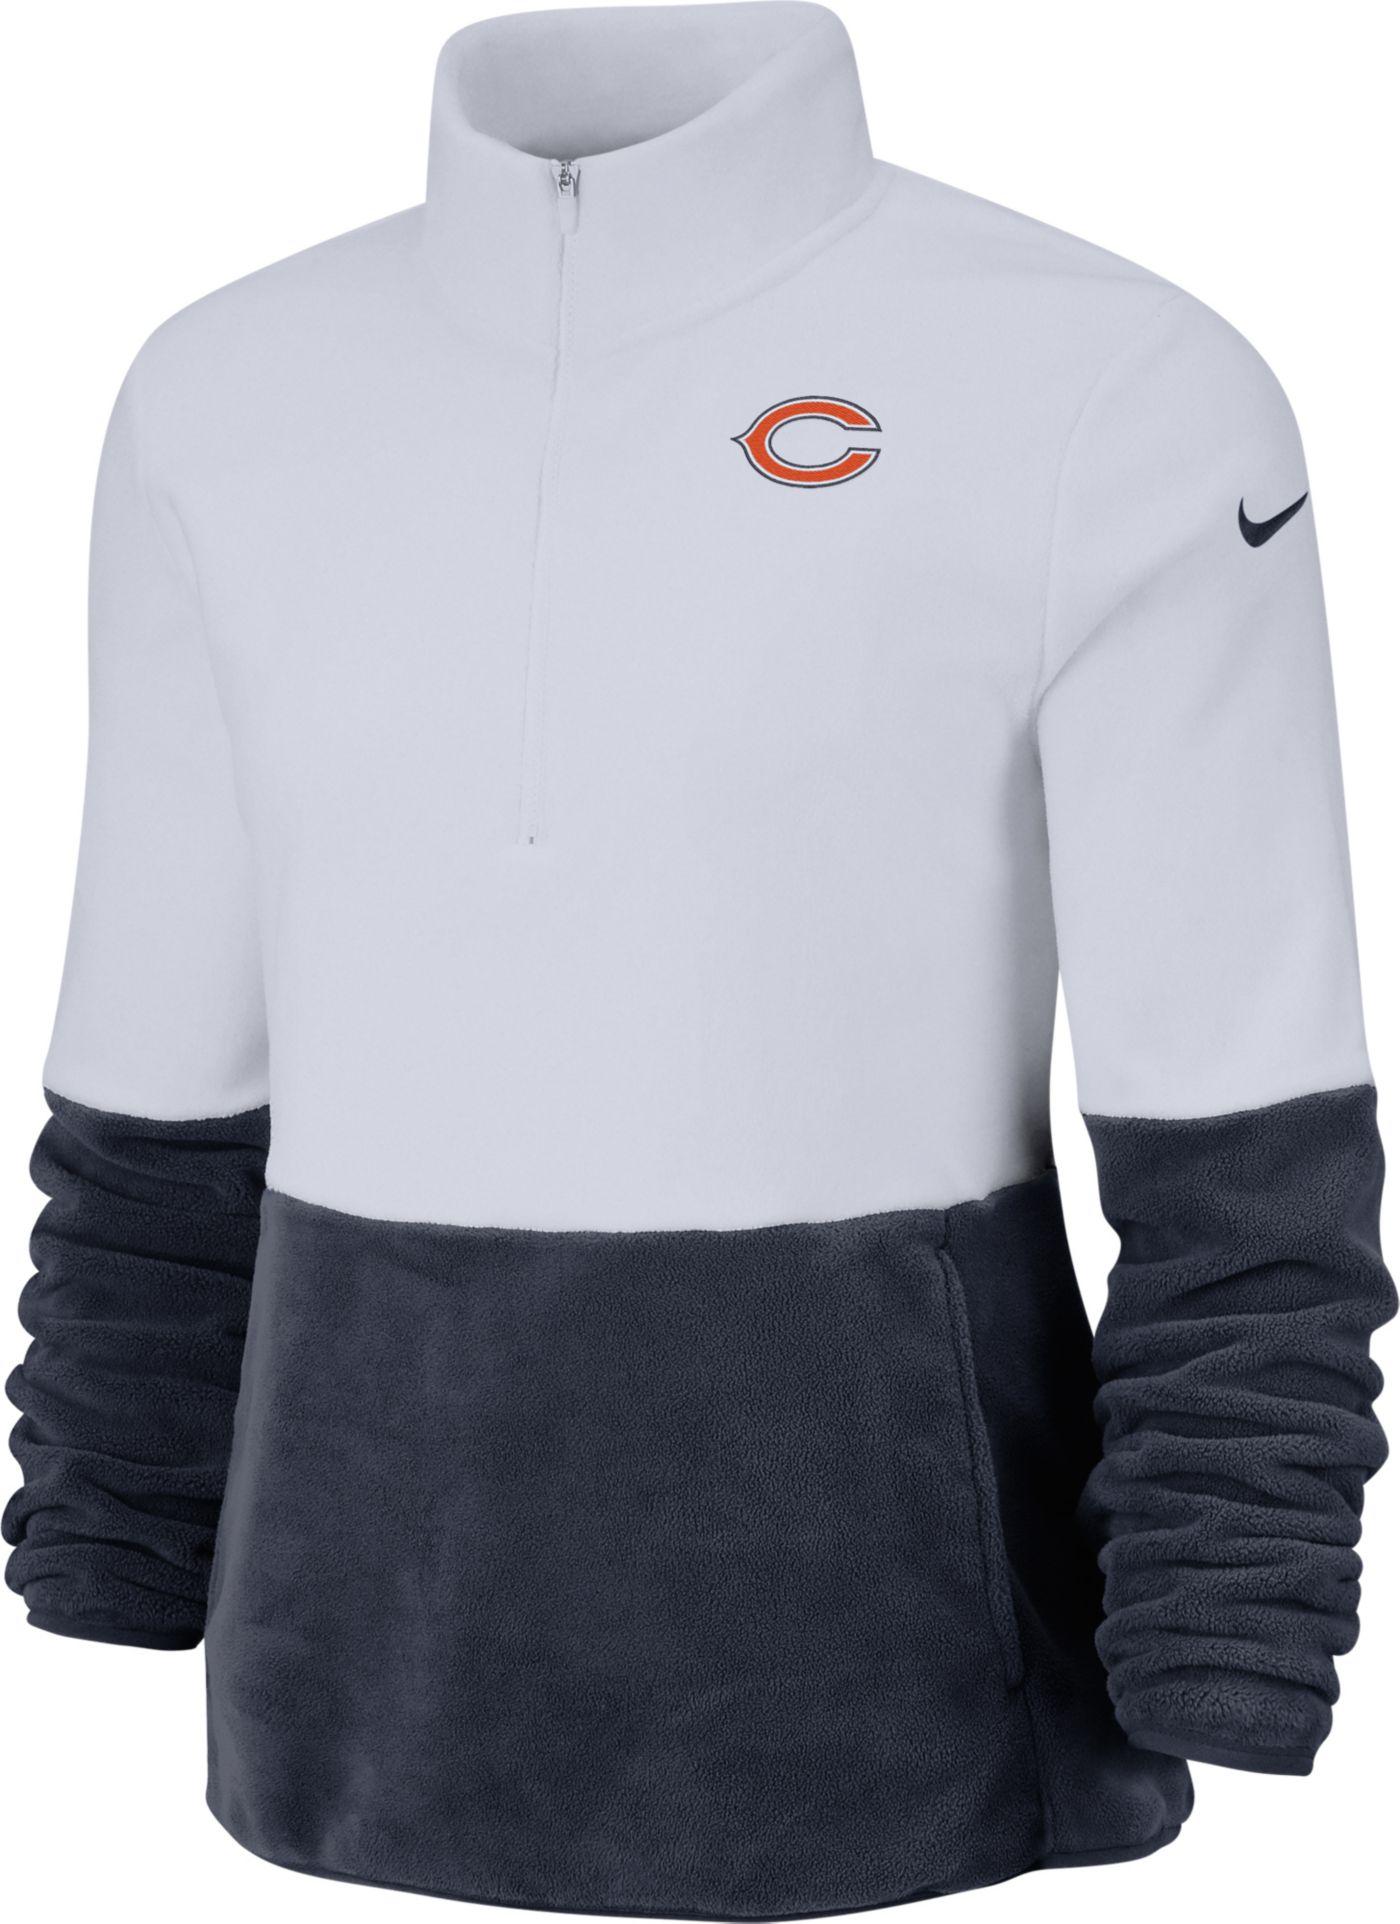 Nike Women's Chicago Bears Therma-FIT Fleece Half-Zip Pullover